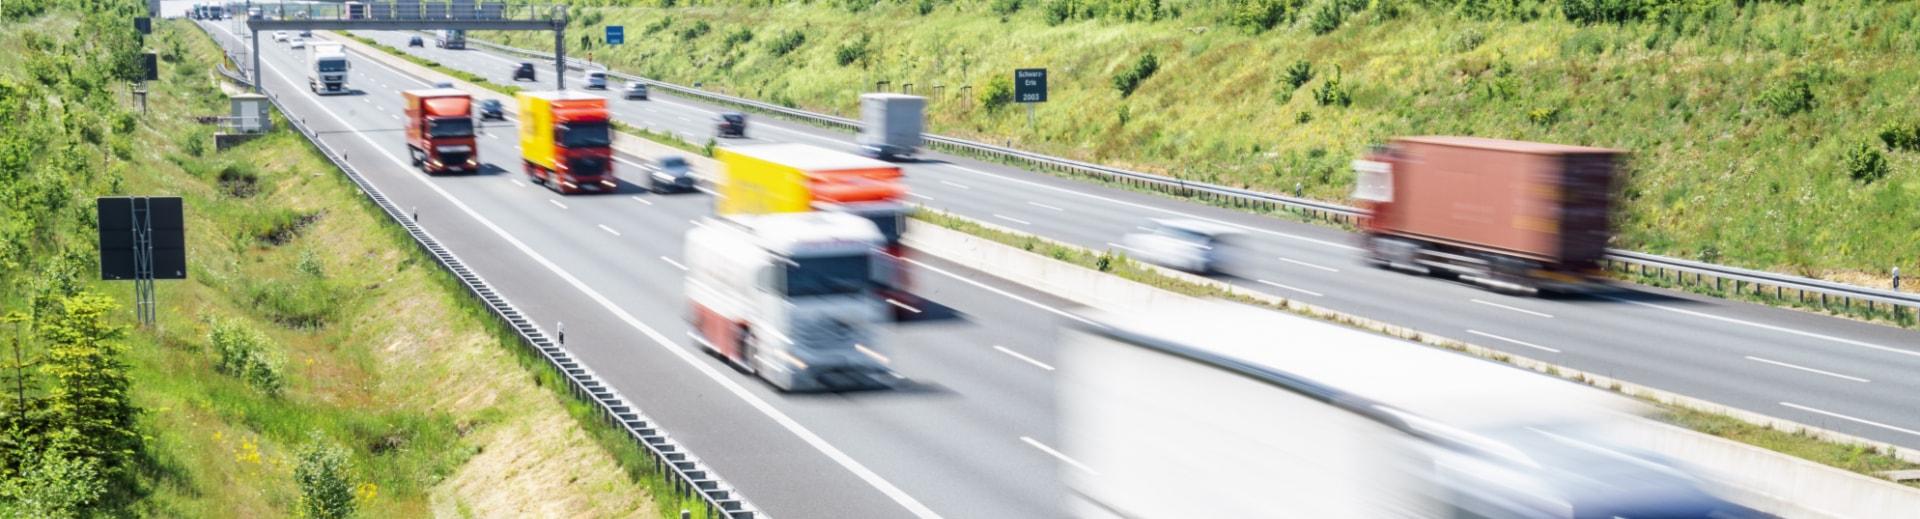 Berufskraftfahrer-Grundqualifikation